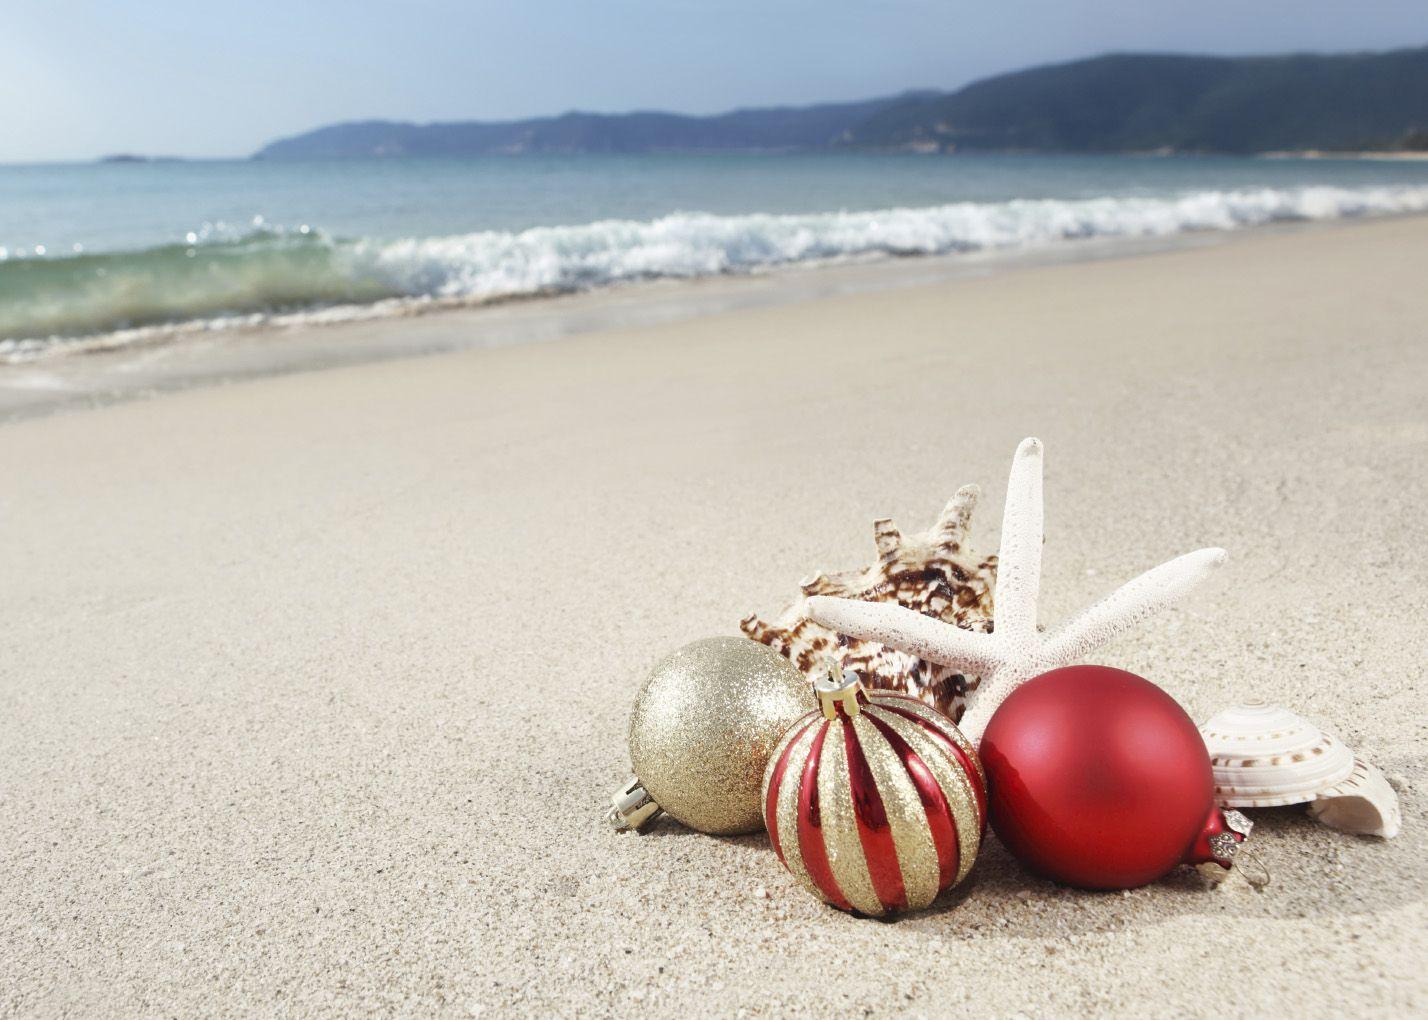 Christmas Beach Wallpaper - Best HD Wallpapers | Coastal ...  Christmas Beach...